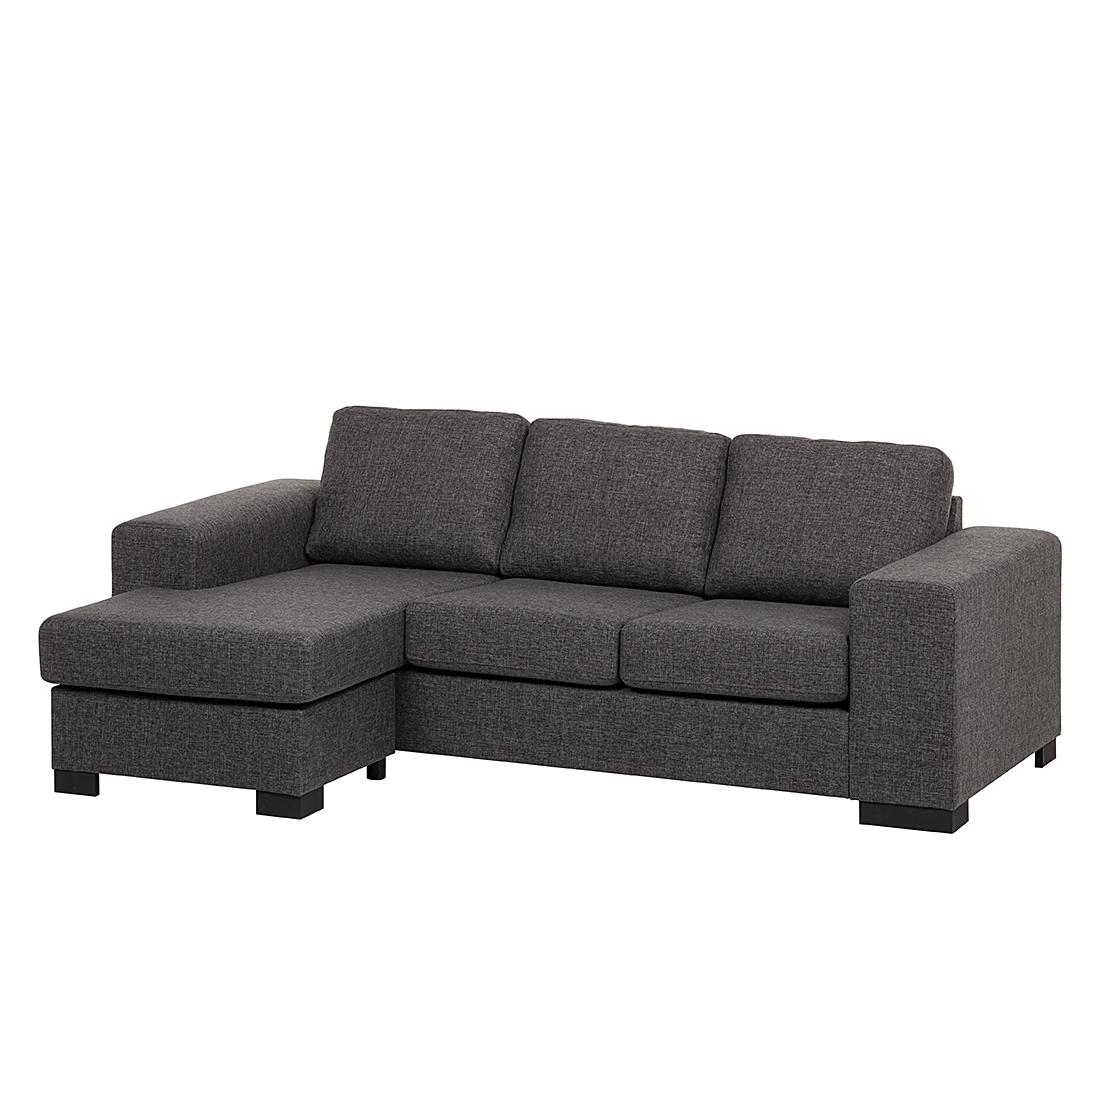 Ecksofa strukturstoff grau schlafsofa couch sofa for Schlafcouch ecksofa